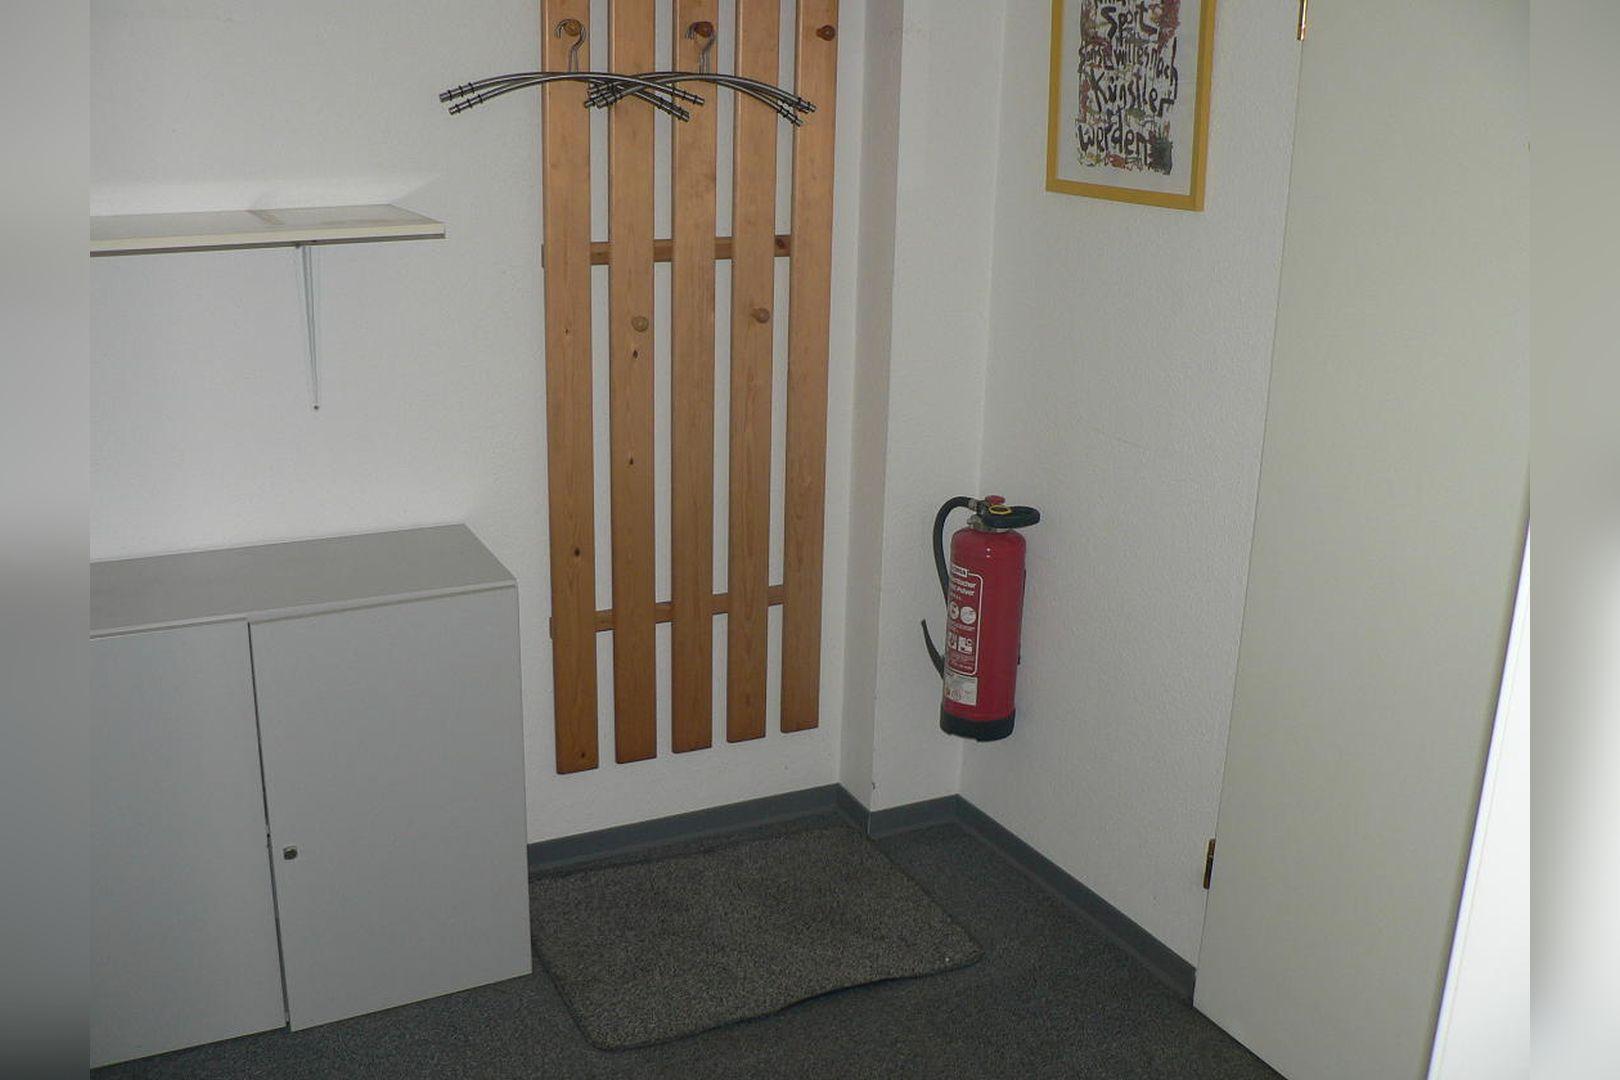 Immobilie Nr.0234 - 1 - Raum - Bürofläche mit Aktenkeller und Balkon - Bild 8.jpg